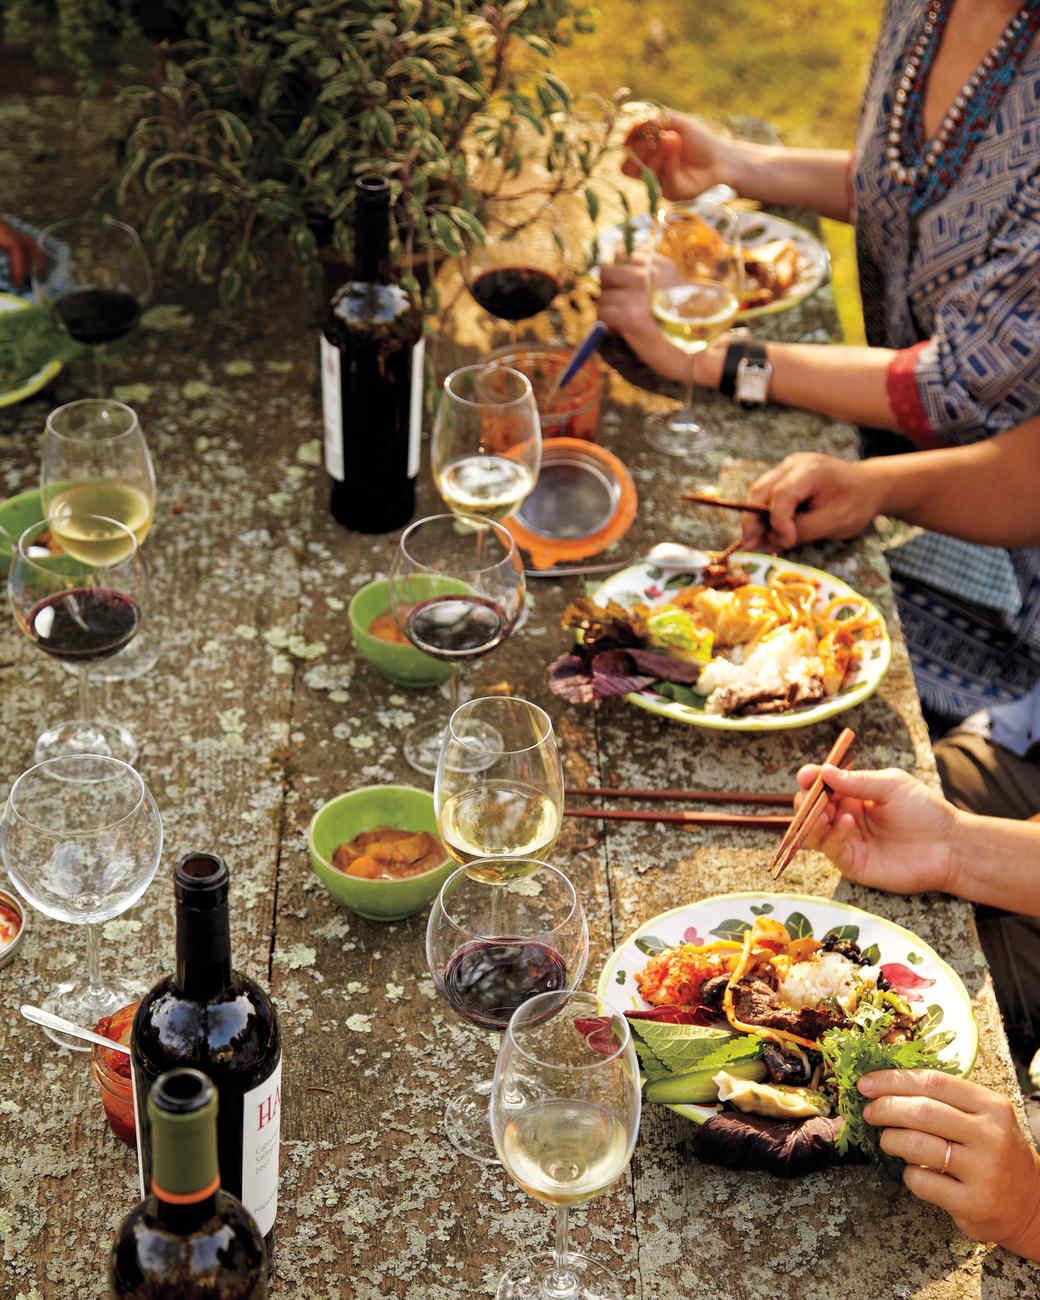 korean-bbq-dinner-4-mld108045.jpg